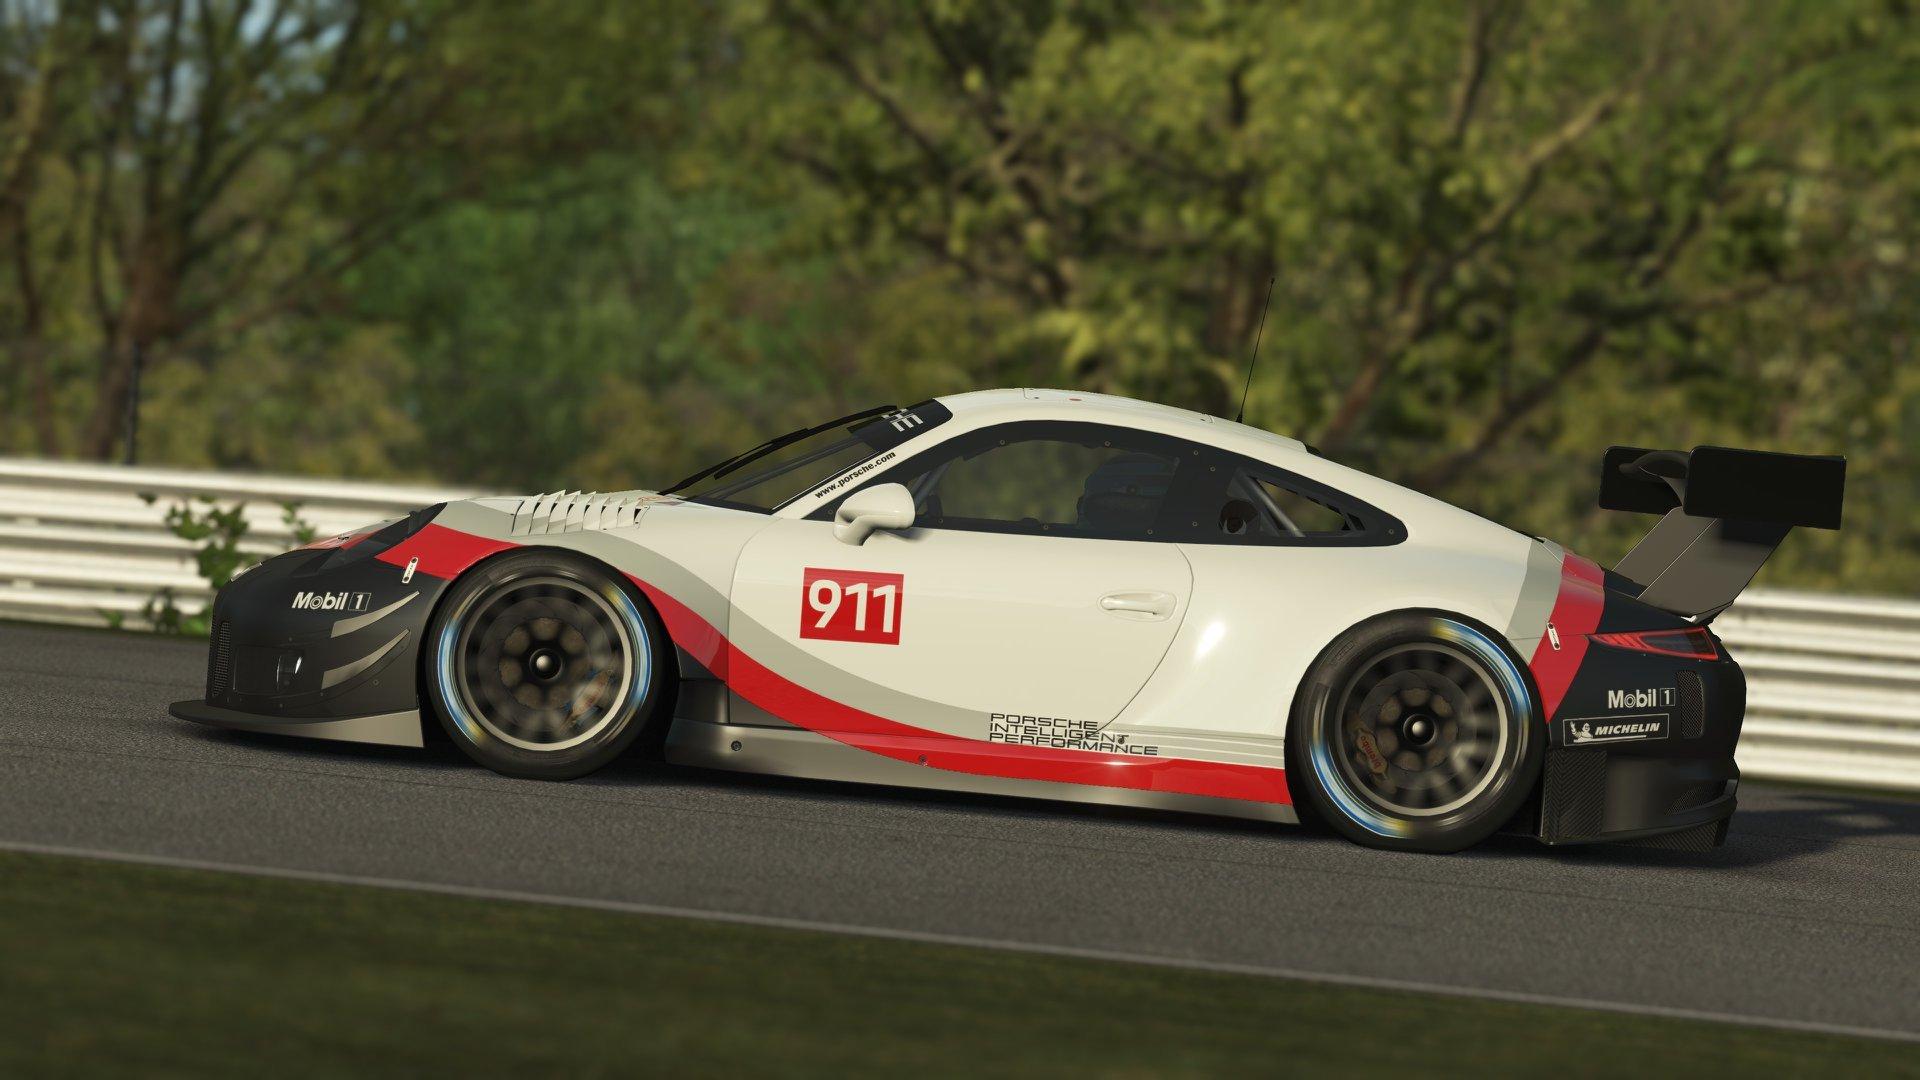 rFactor 2 – rFchallengers Pack Hosts Another Sim Racing